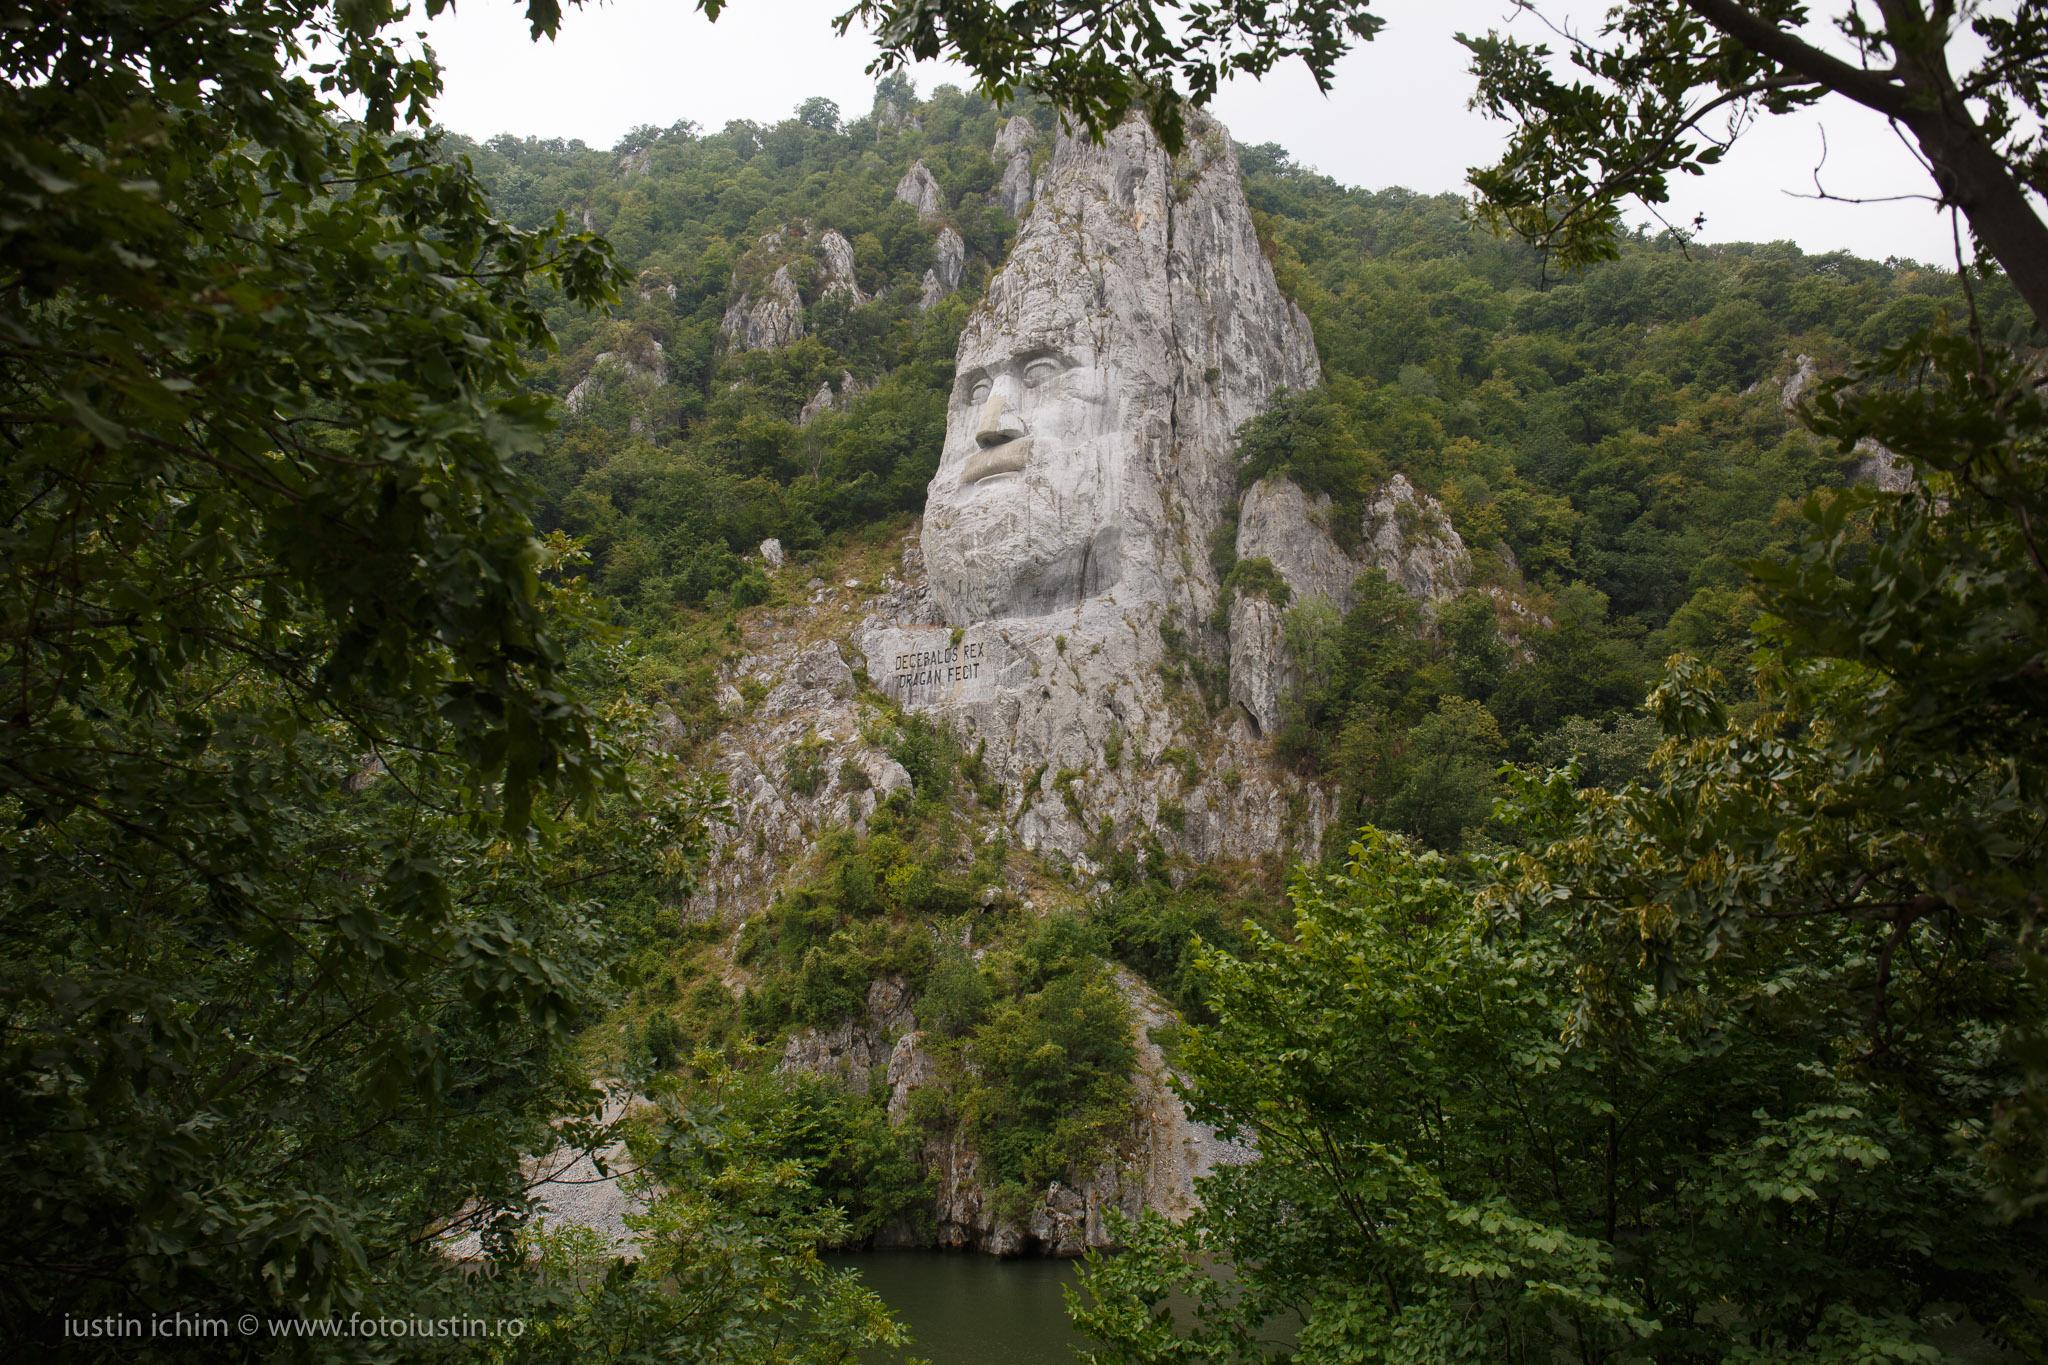 Statuie Regele Decebal, Cazanele Dunării